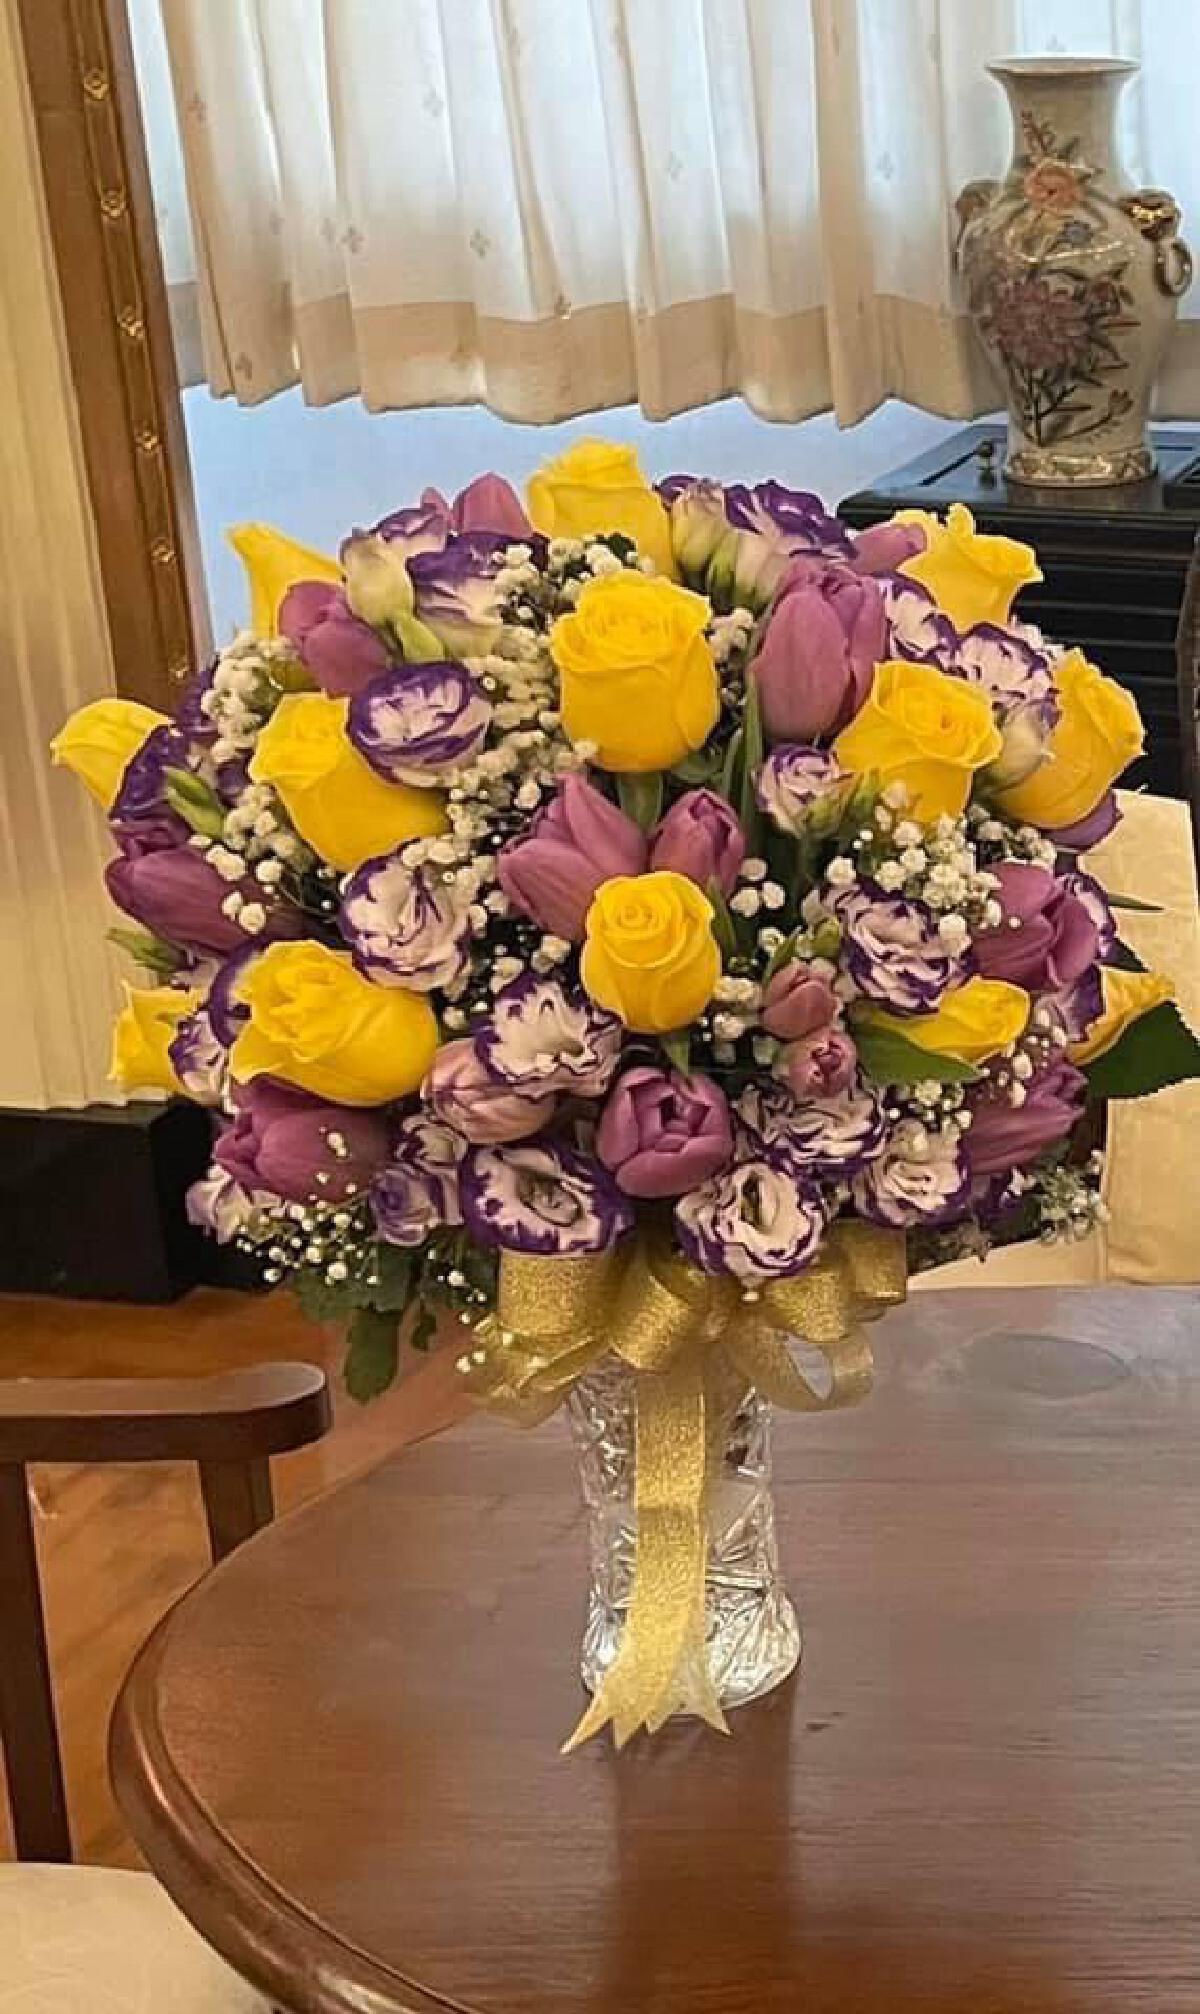 ในหลวง-พระราชินี พระราชทานแจกันดอกไม้และกระเช้าเยี่ยม อาต้อย เศรษฐา